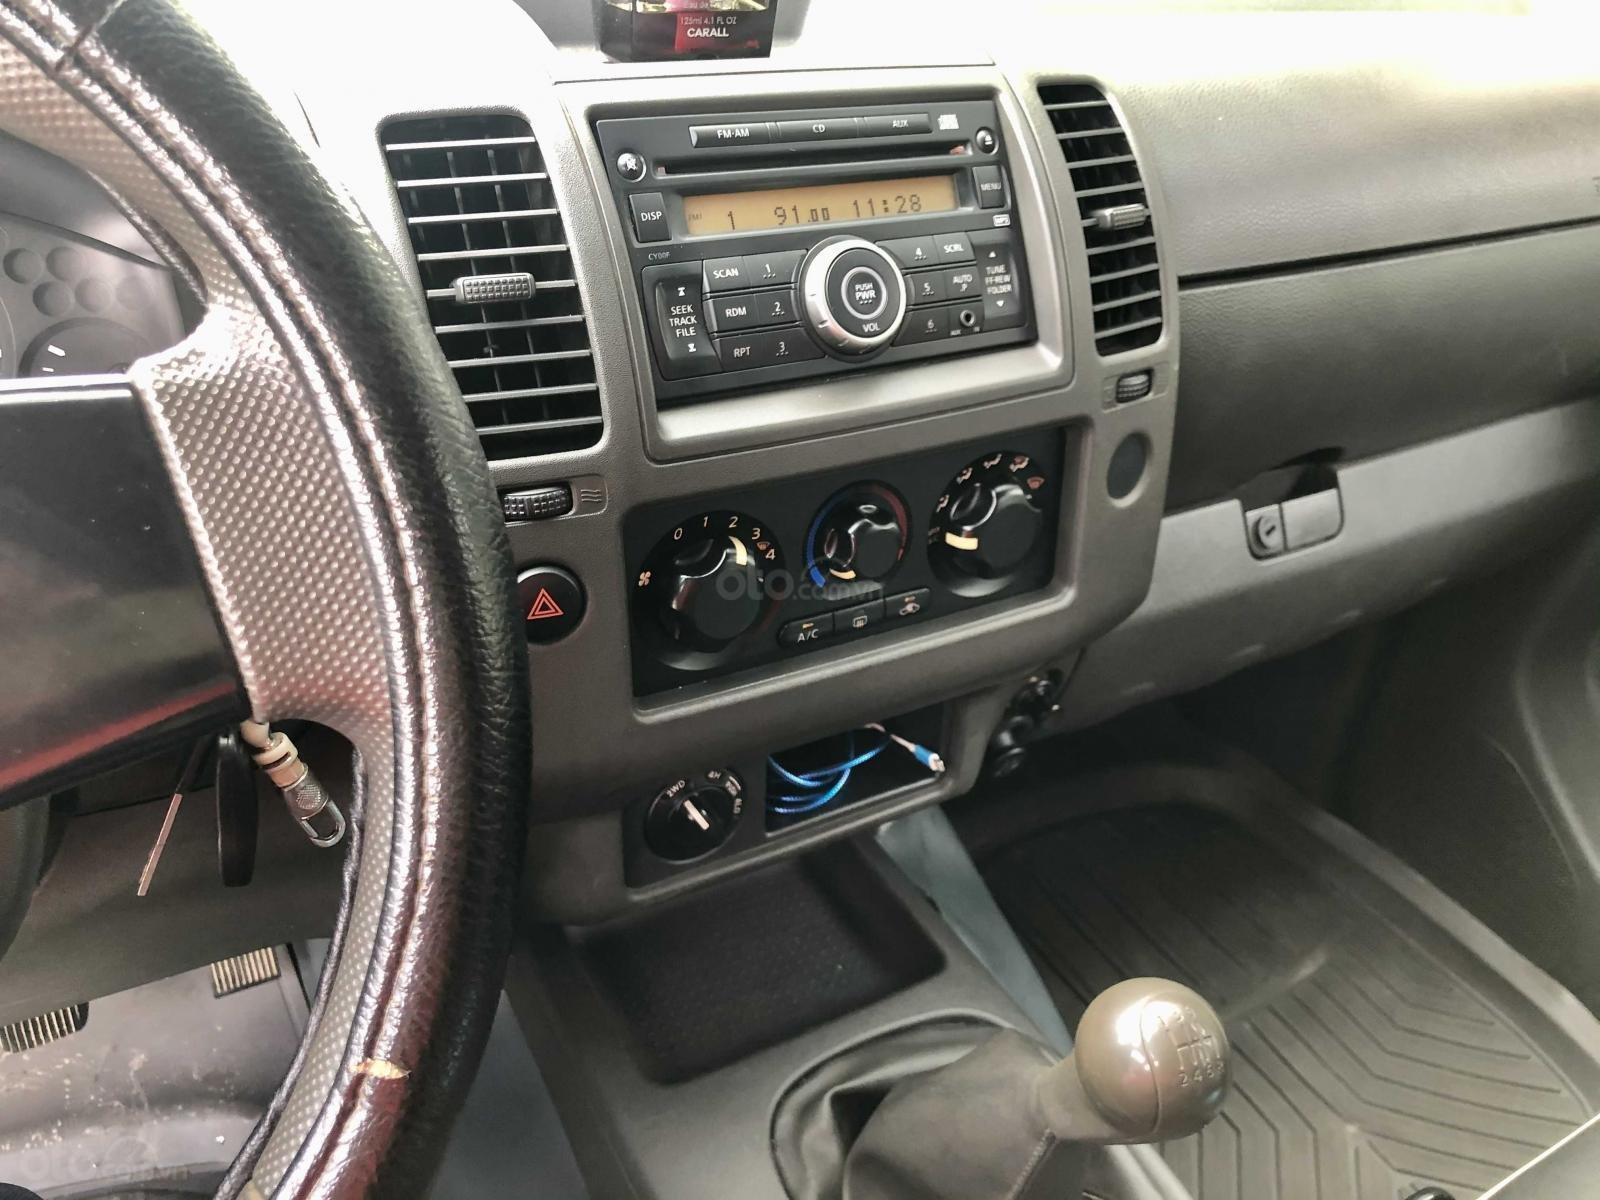 Bán xe Nissan Navara đăng ký 2011 chỉnh chủ giá 315 triệu đồng (7)